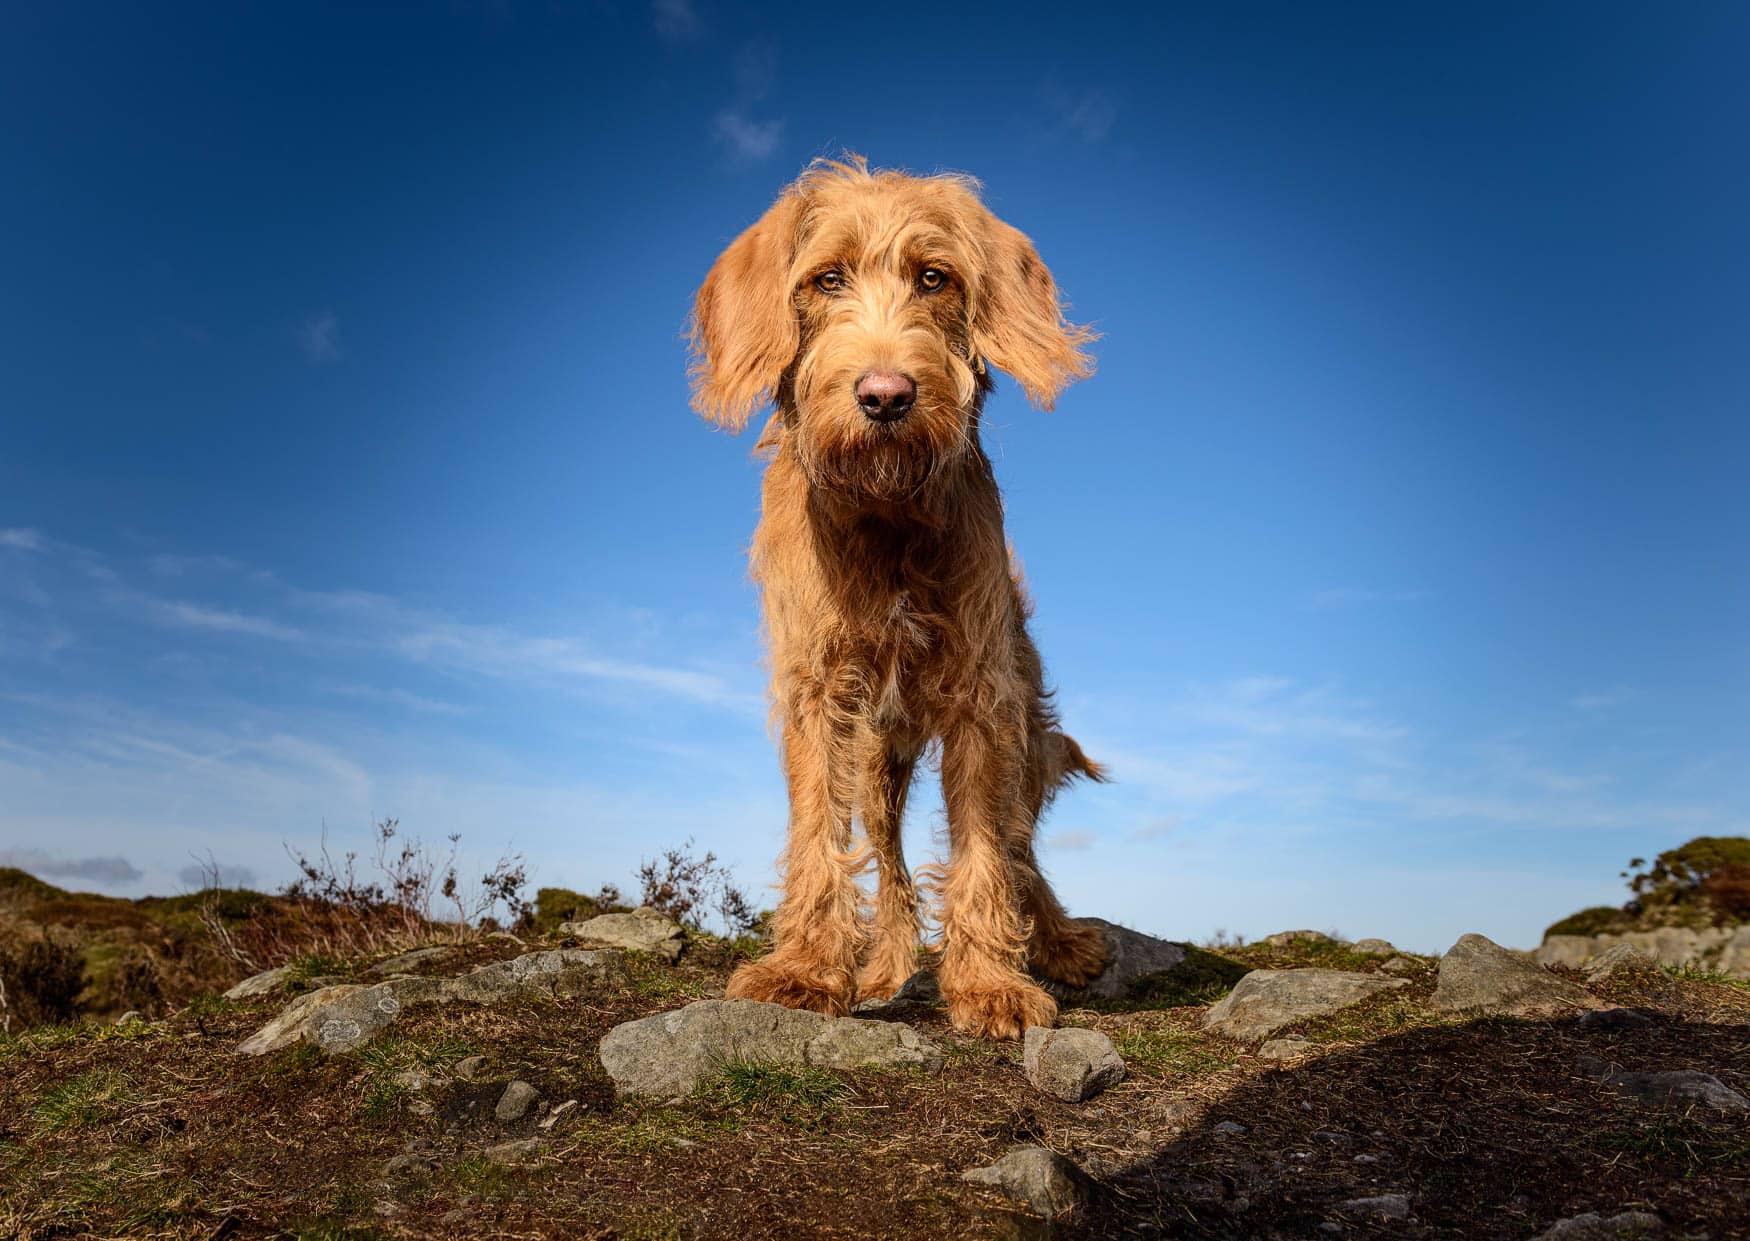 Shropshire Dog Photographer - Labradoodle puppy